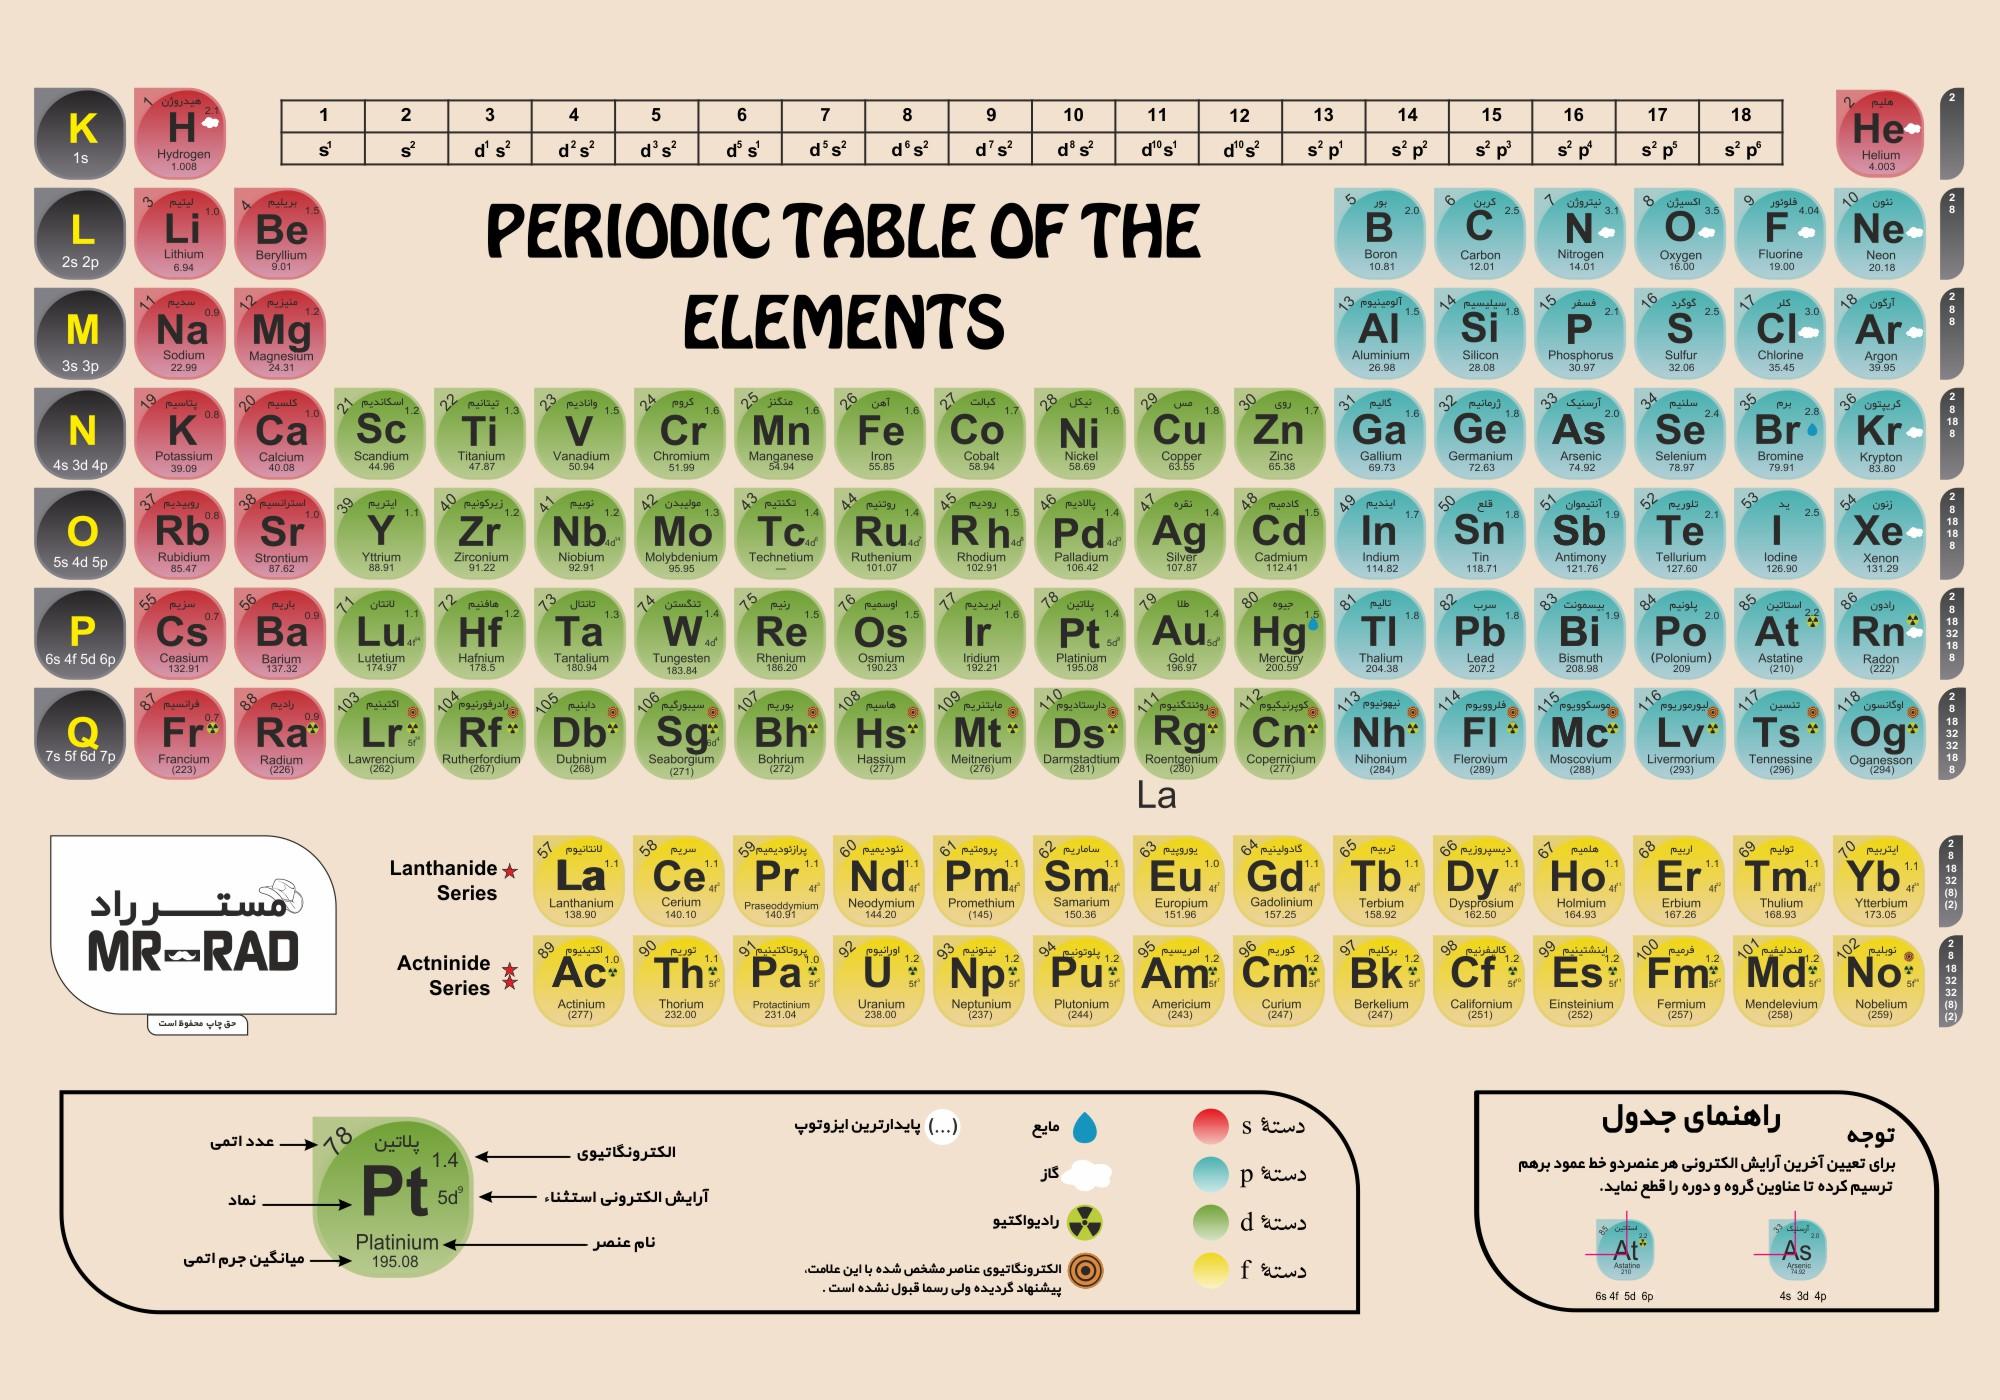 پوستر آموزشی مستر راد طرح جدول تناوبی مدل مندلیف کنکوری